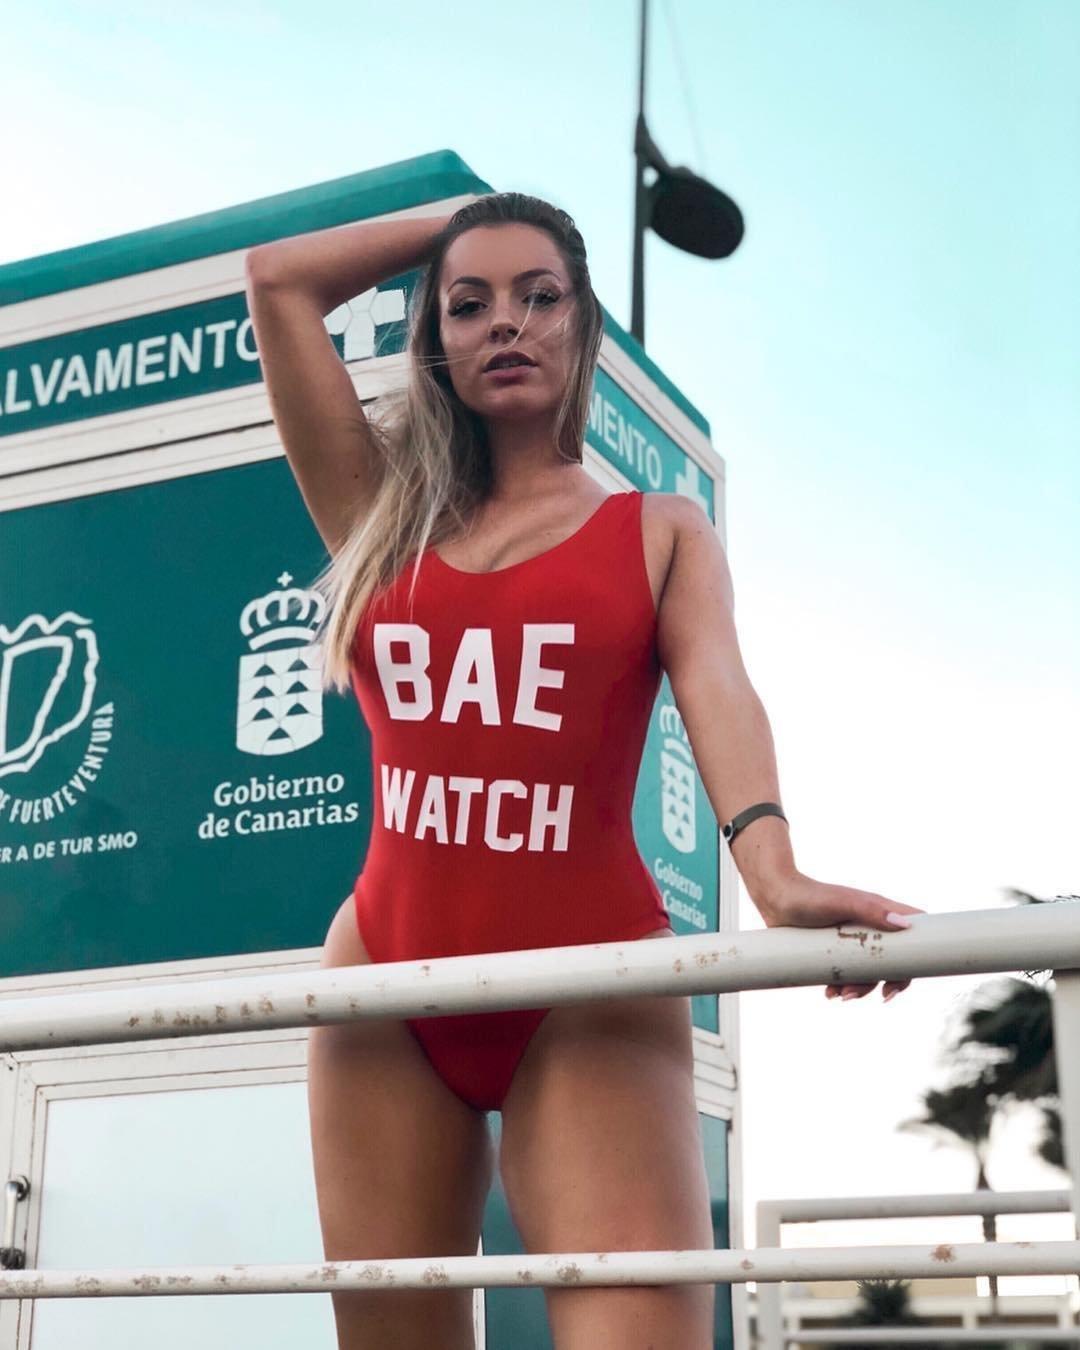 супер, однако русских баб ебут на курортах советую глянуть Скажите